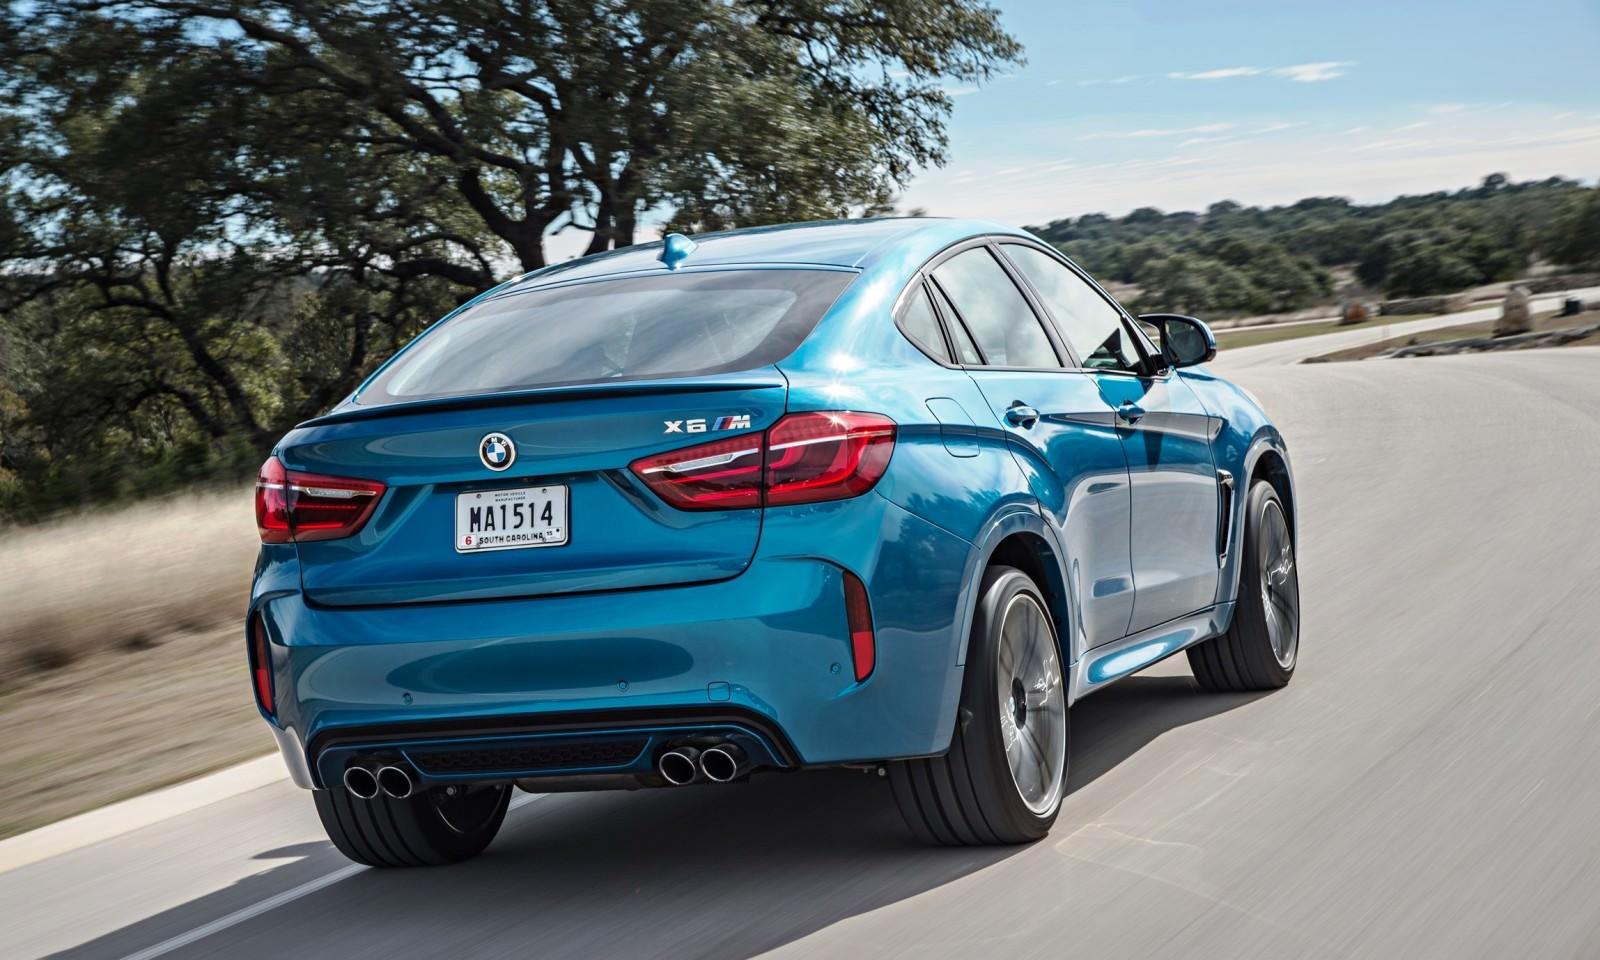 2015 BMW X6 M 80